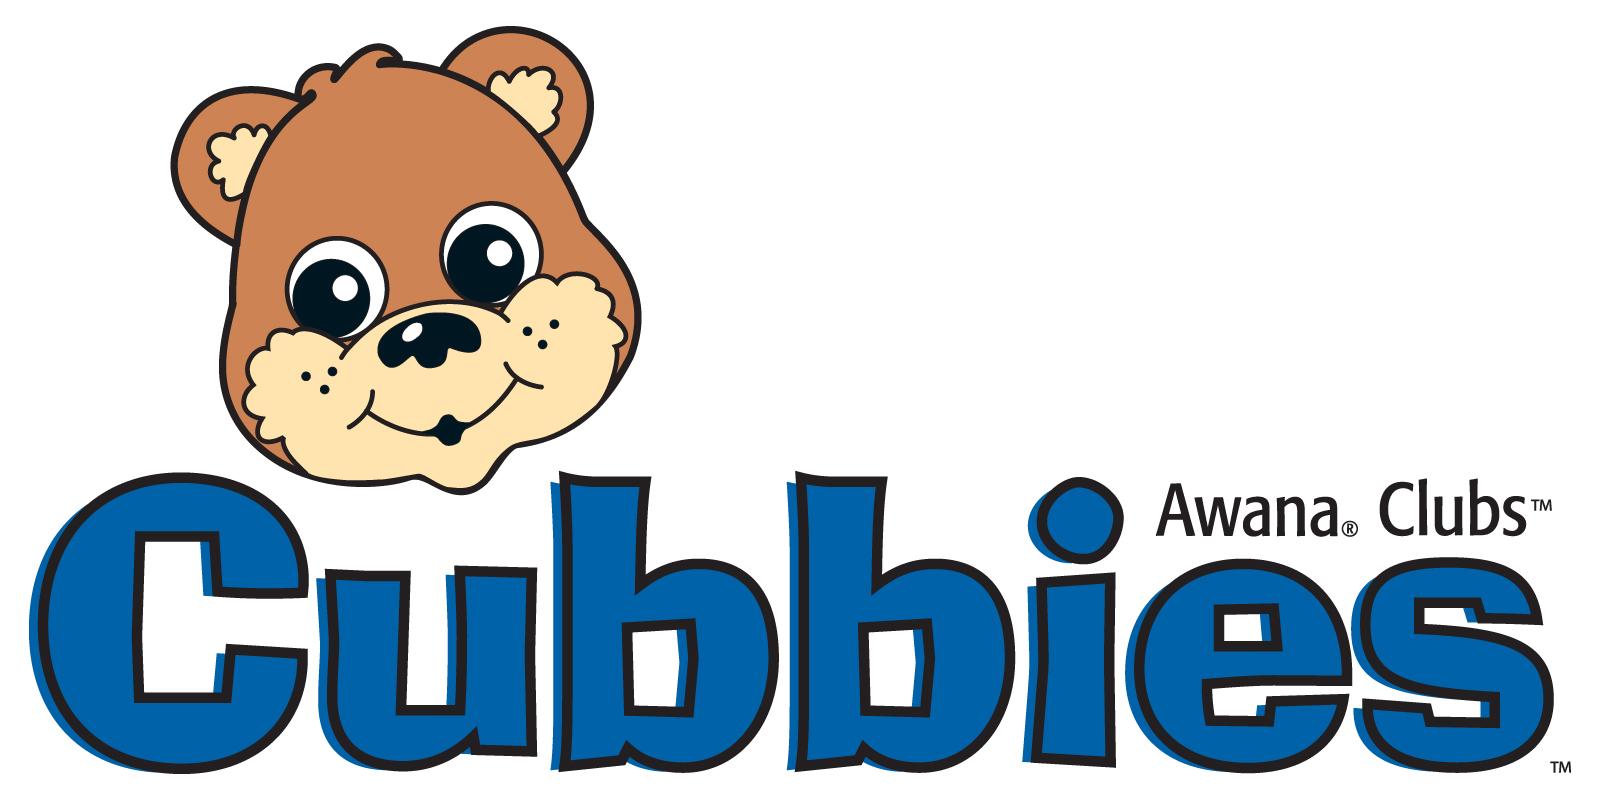 cubbies logo